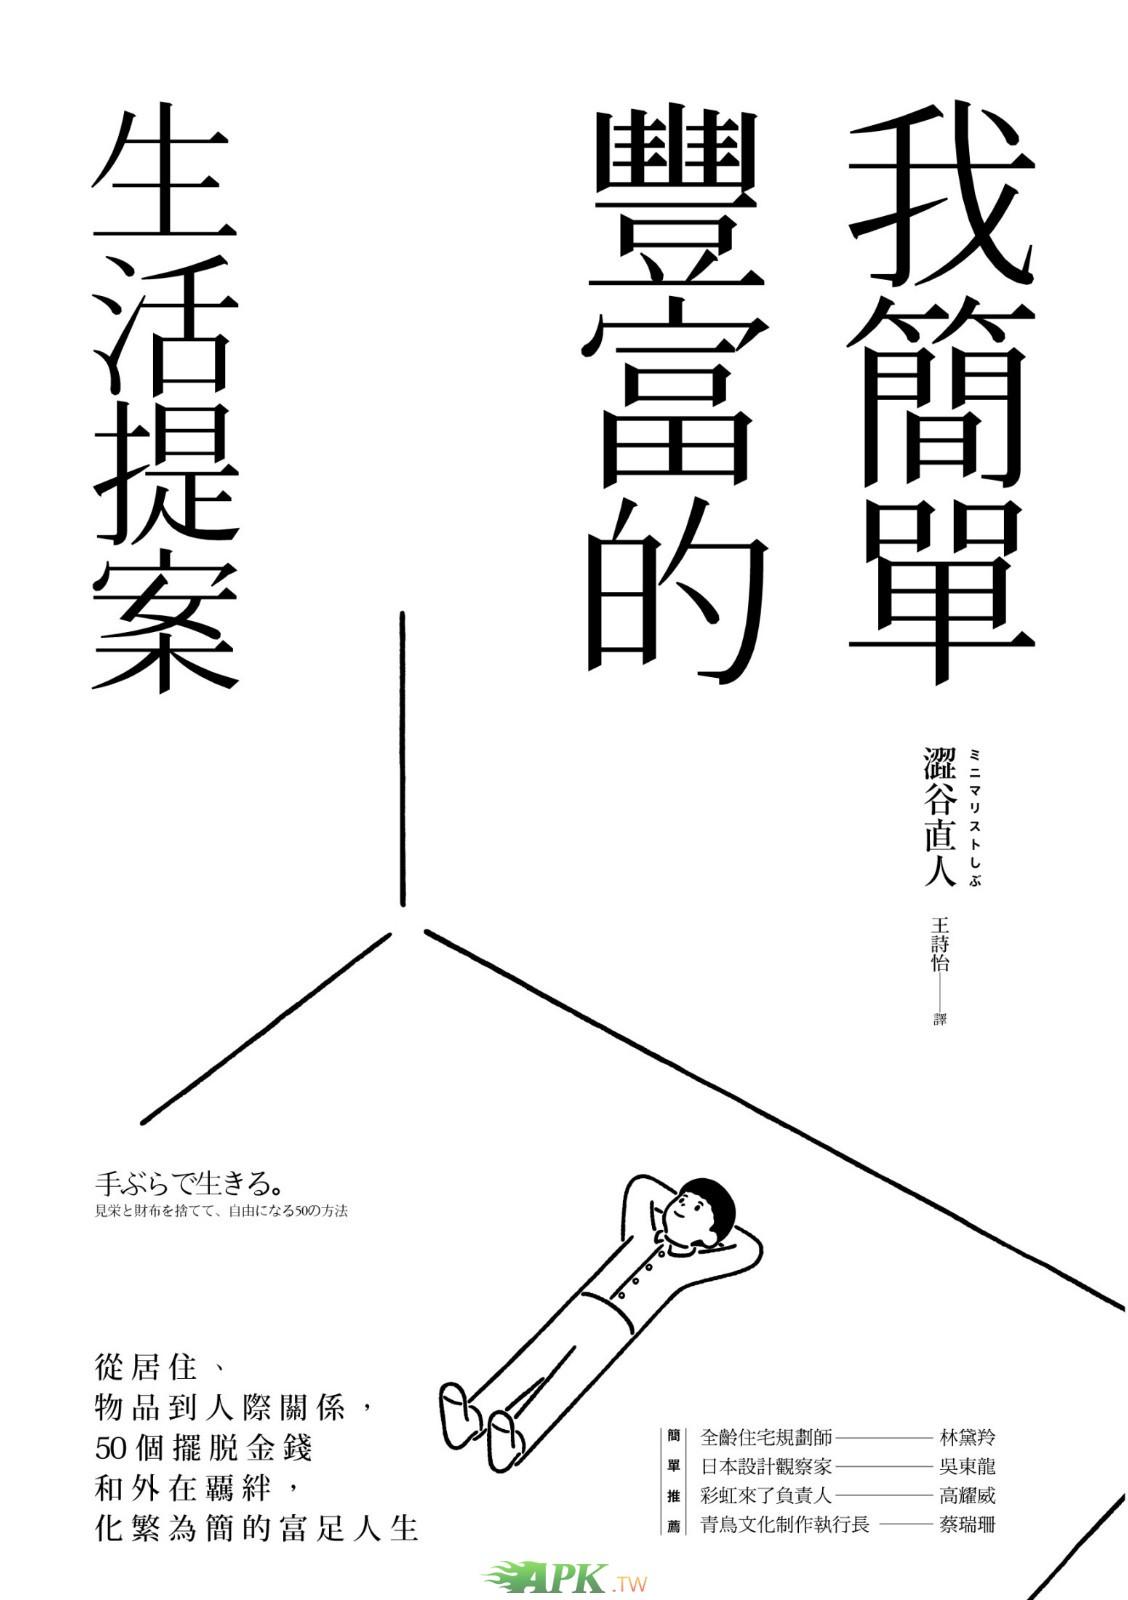 澀谷直人《我簡單豐富的生活提案》.jpg